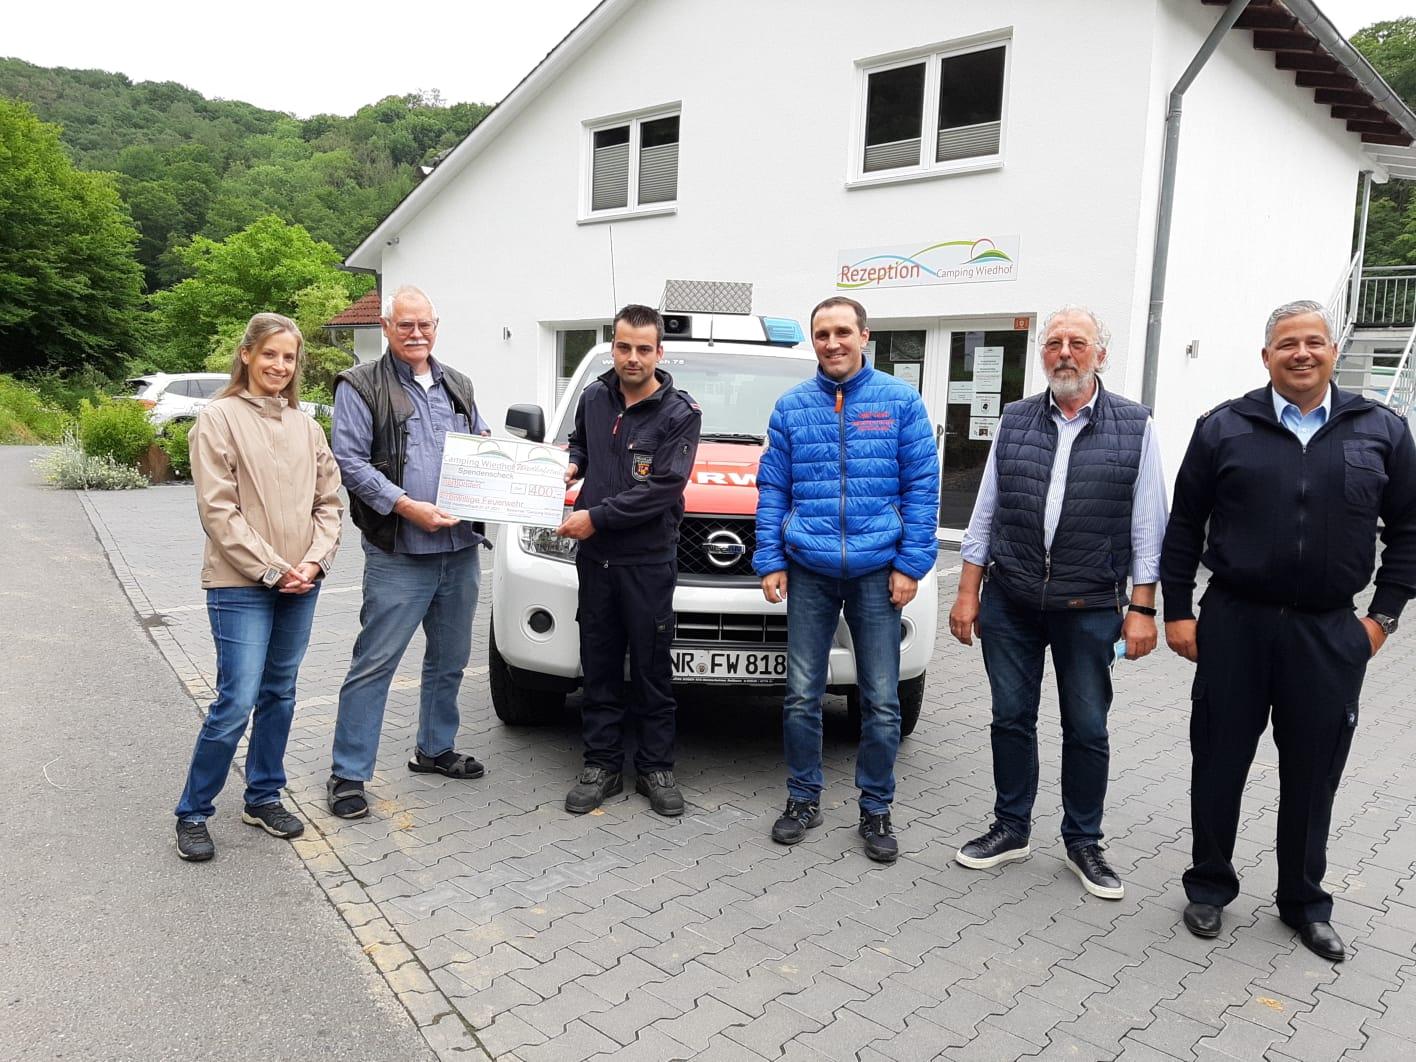 Feuerwehr Waldbreitbach erhält Spende vom Campingplatz Wiedhof